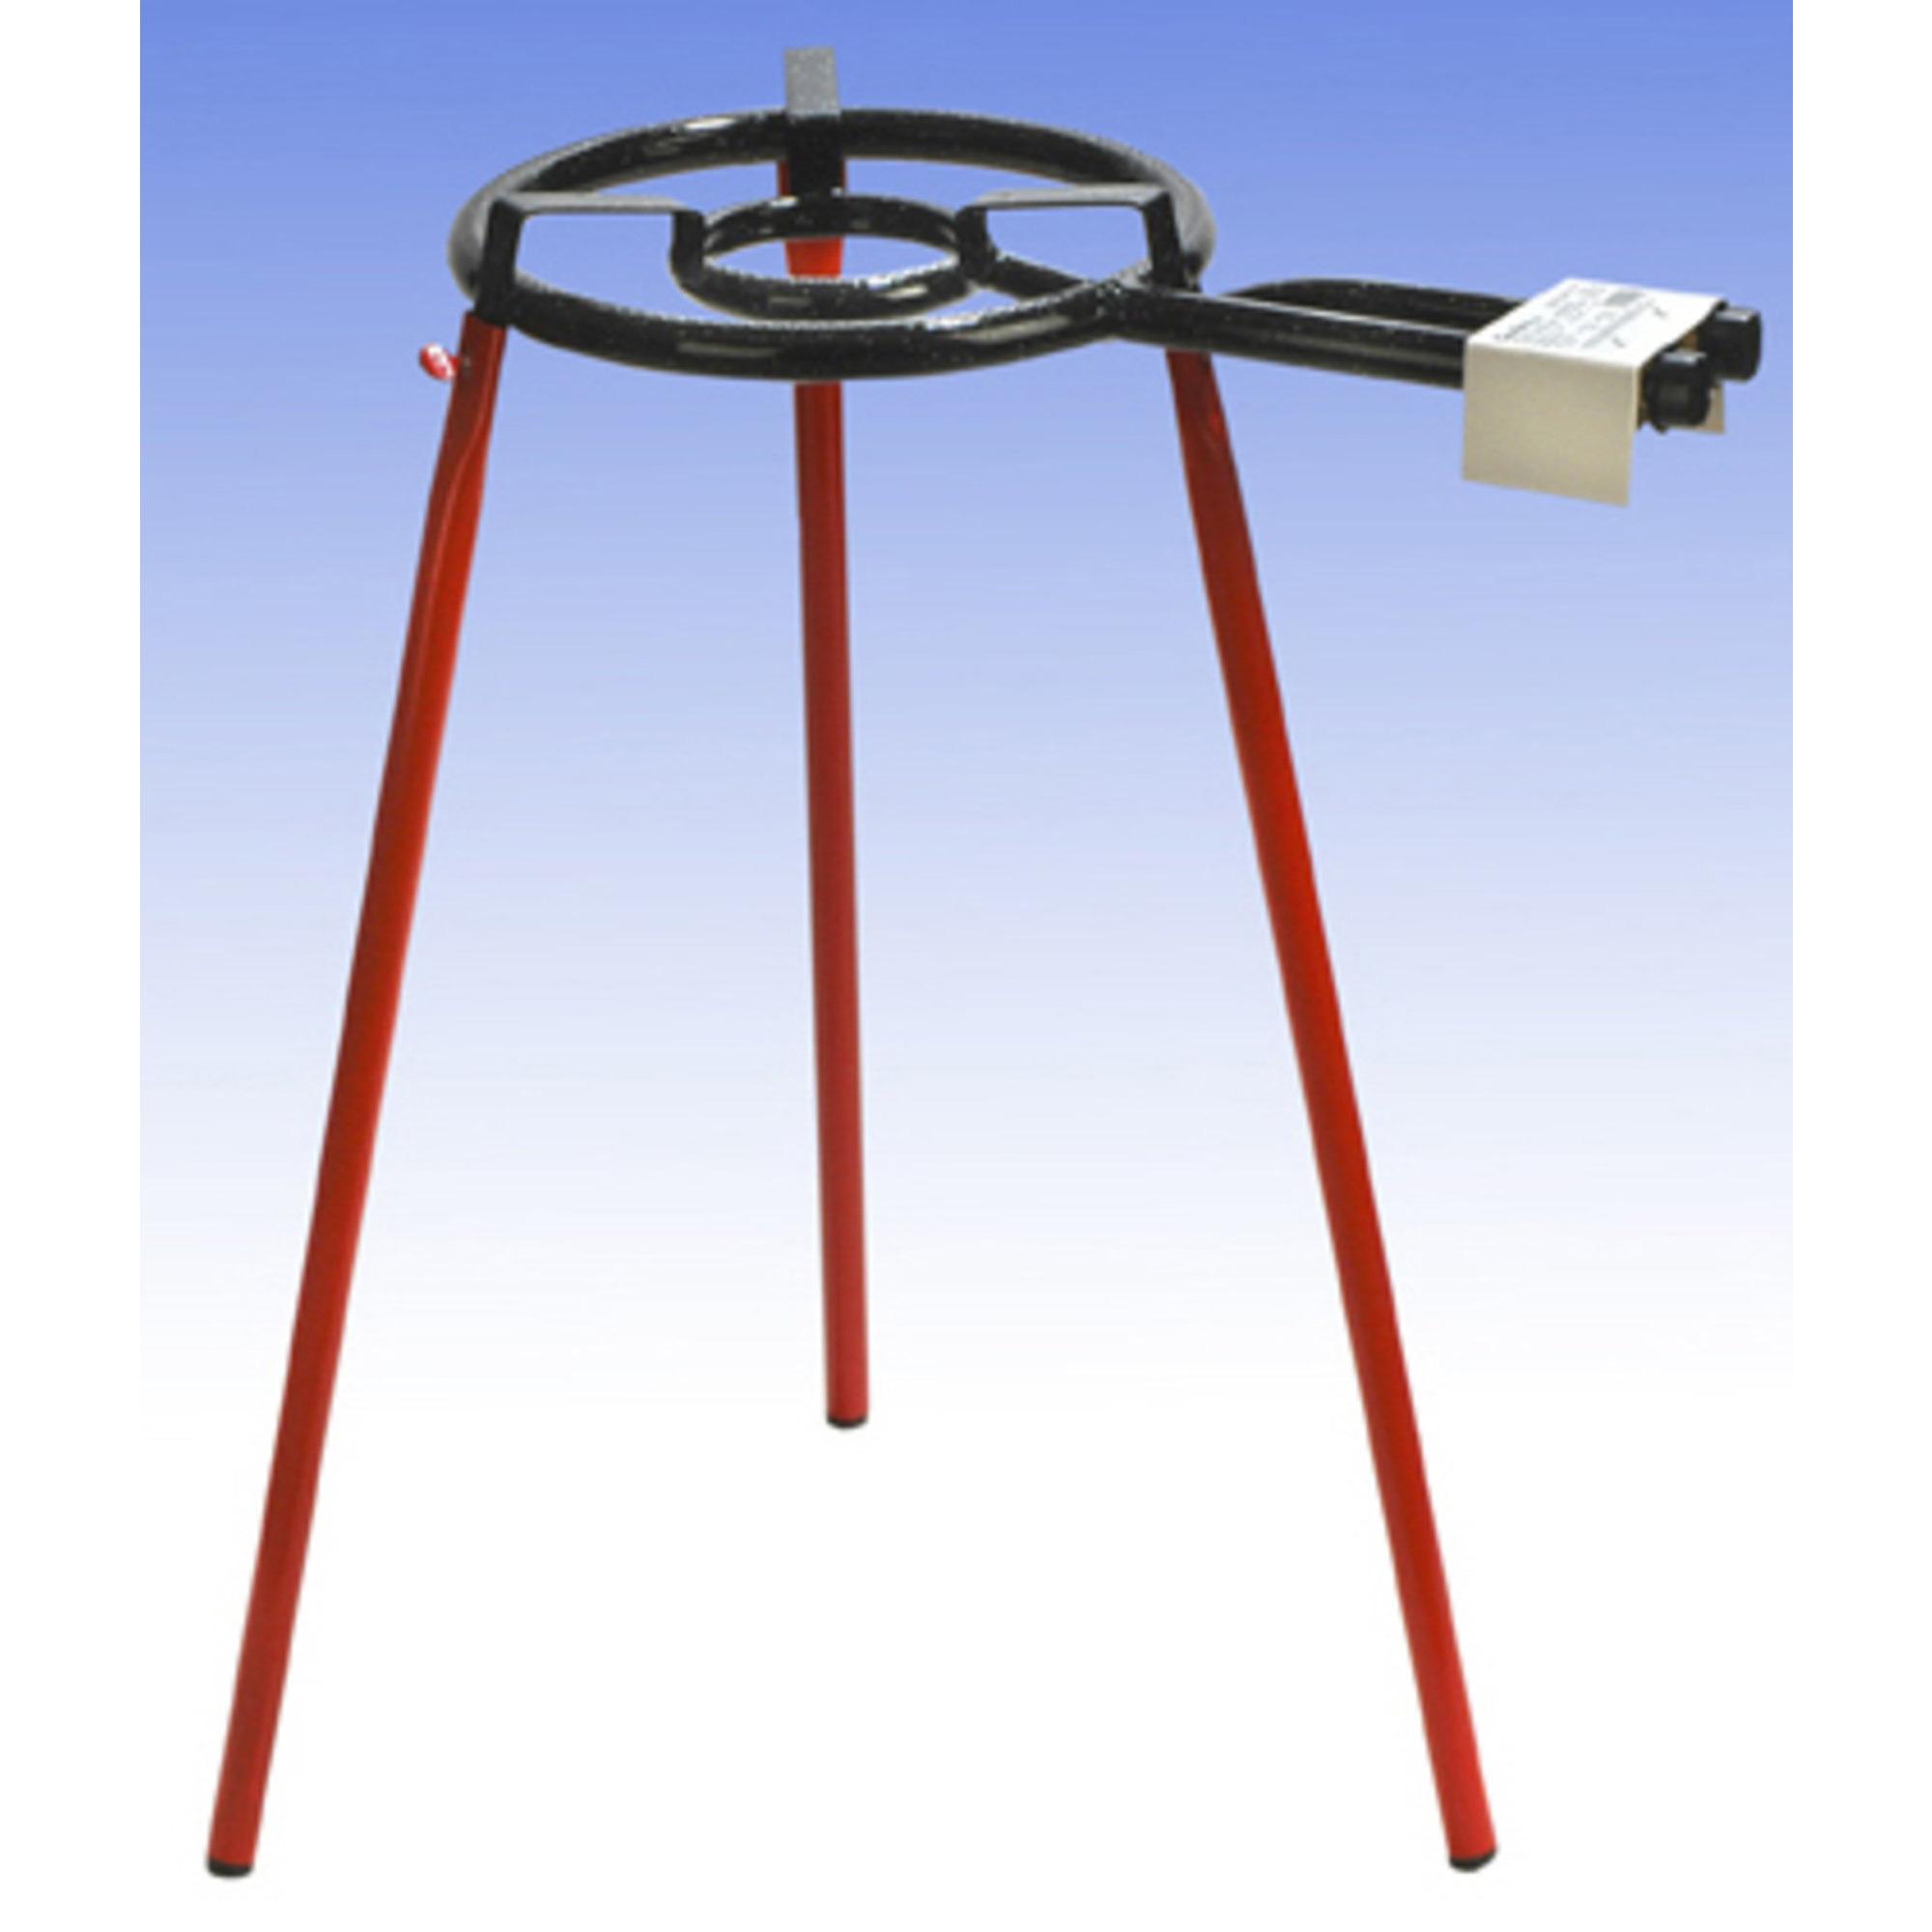 Garcima Ställning 3st ben till gasbrännare